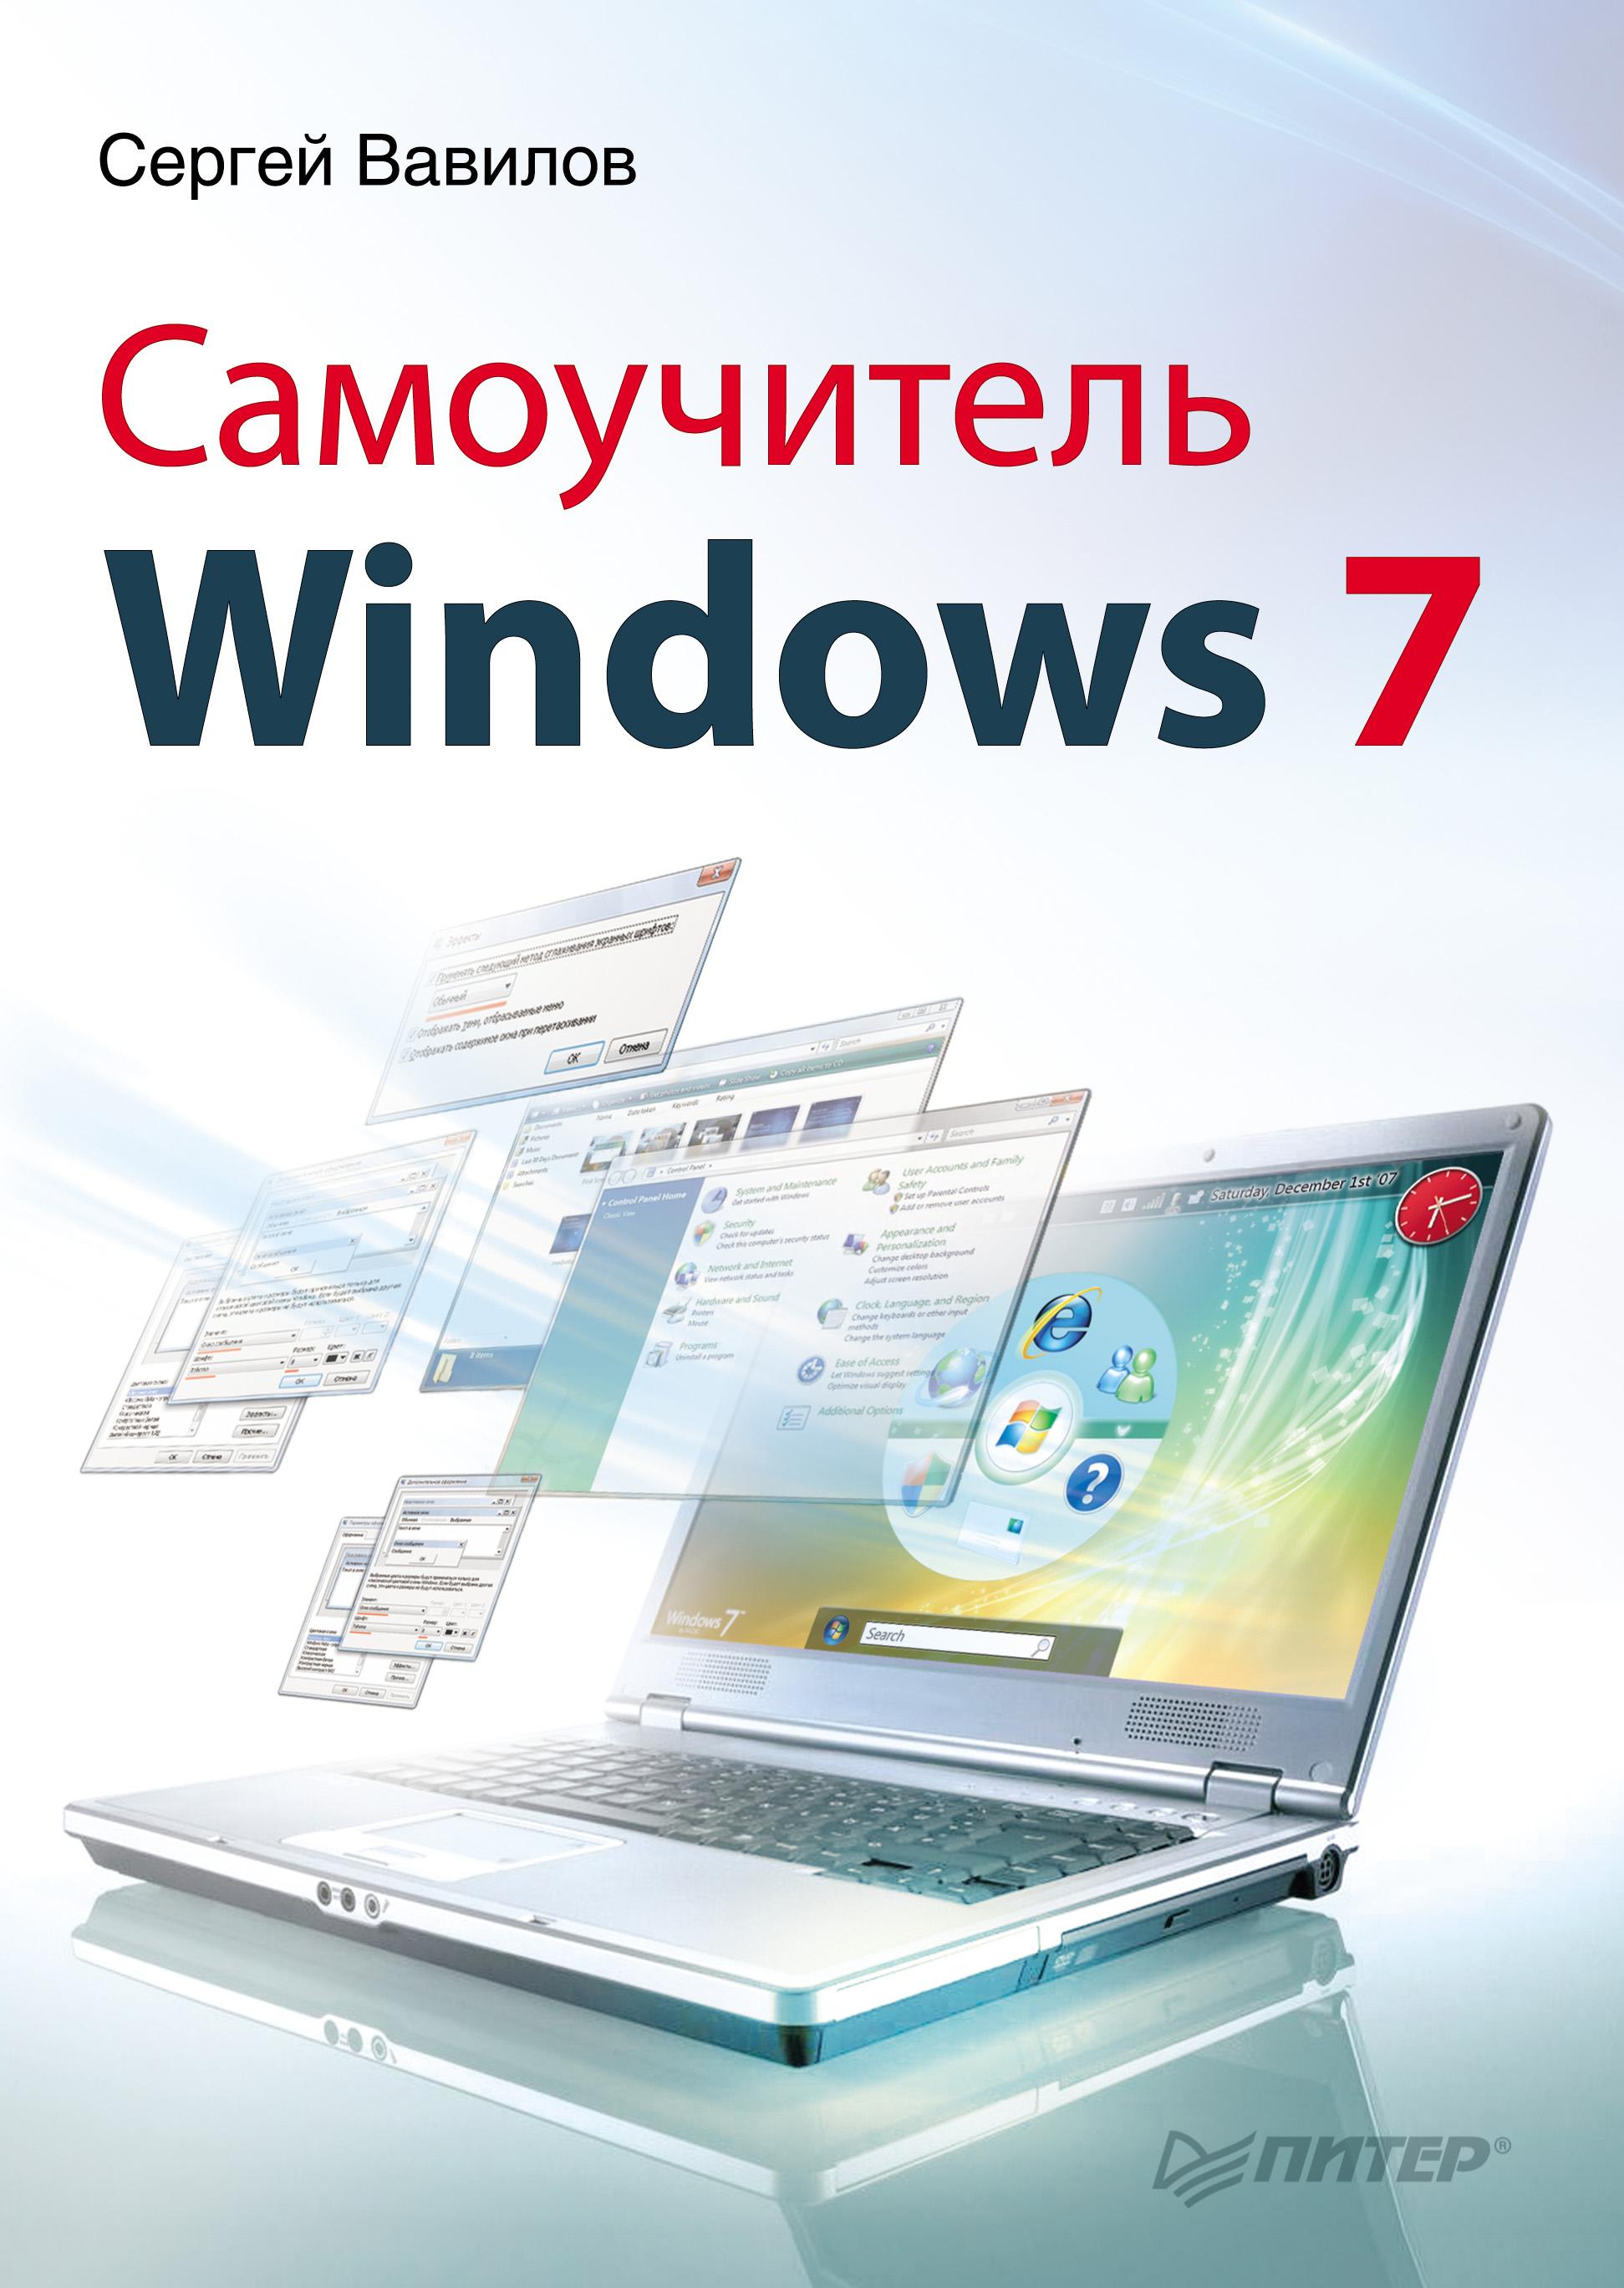 Сергей Вавилов Самоучитель Windows 7 а зубов м шахов компьютер windows программы